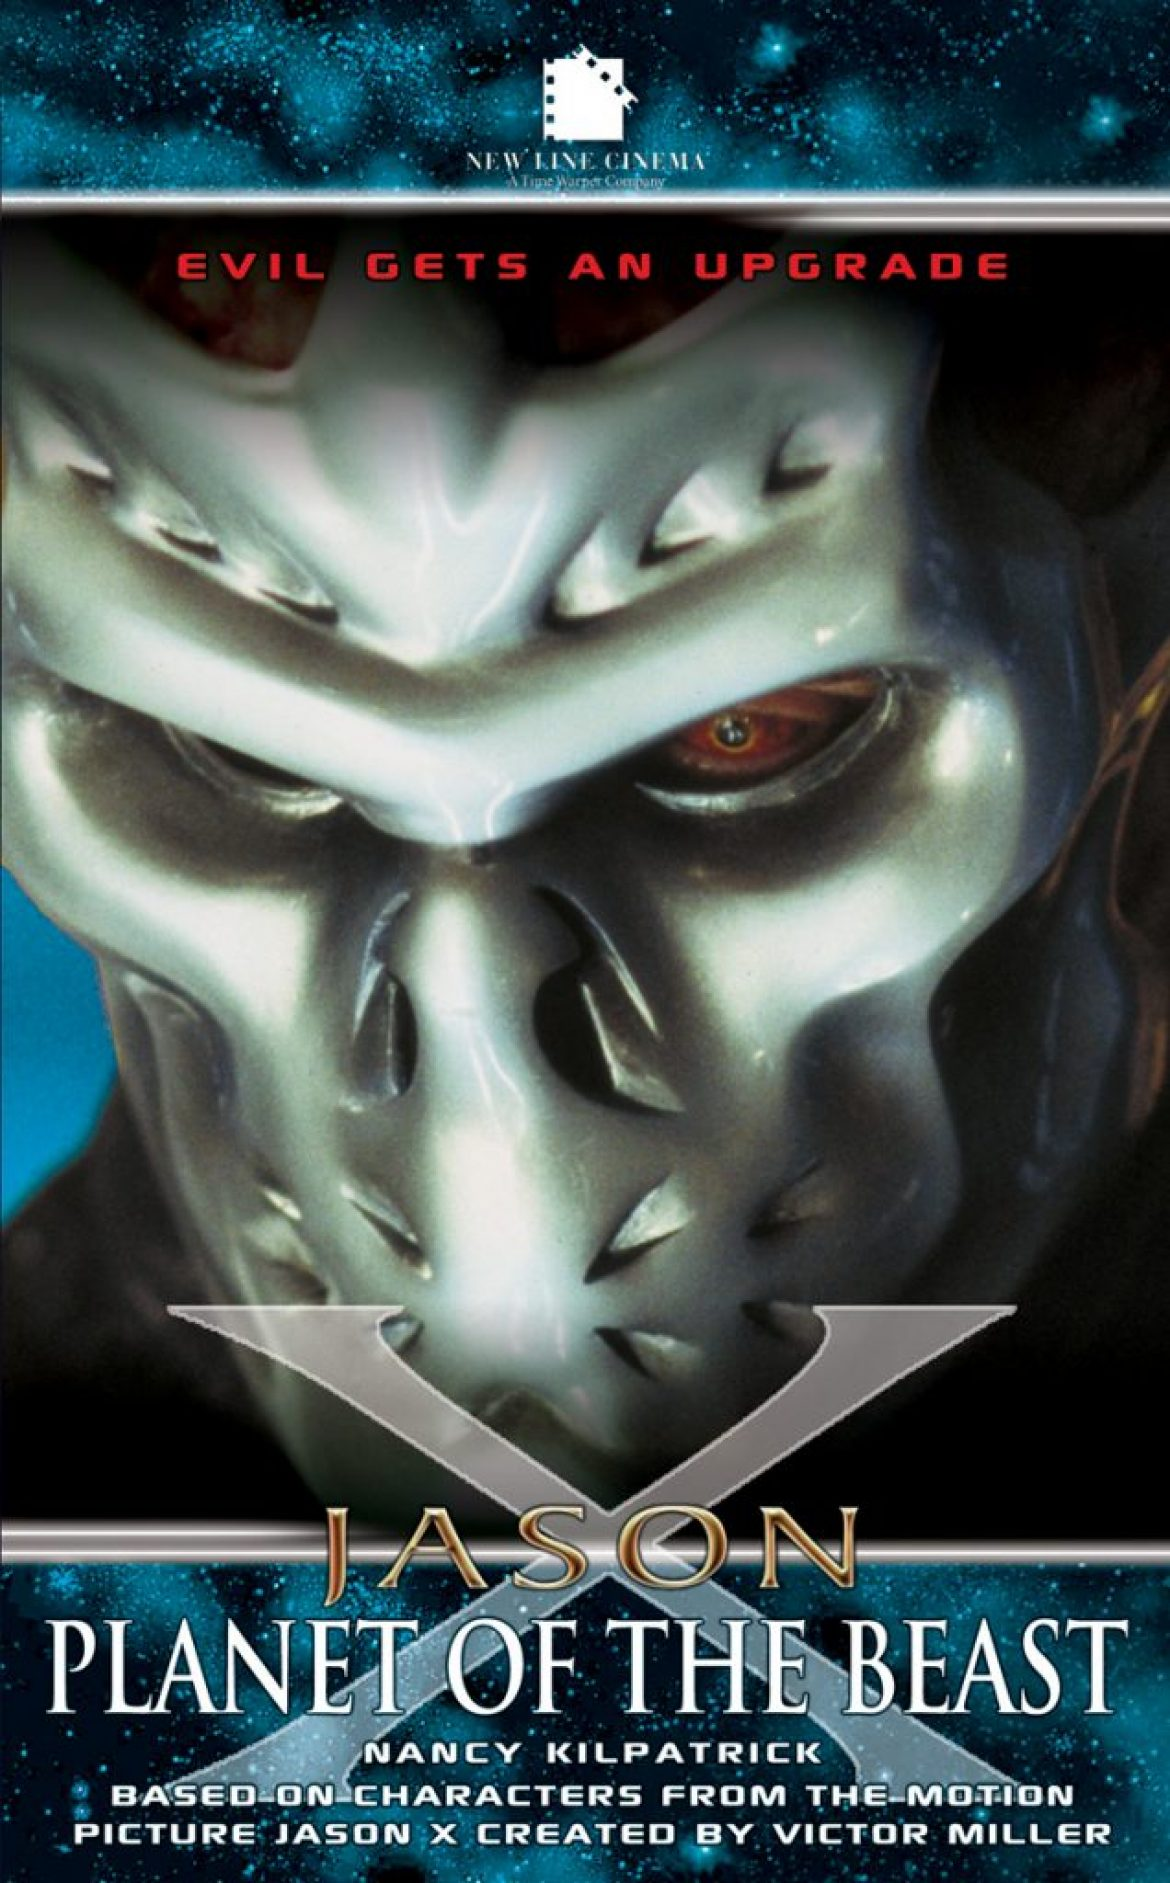 Jason X #3